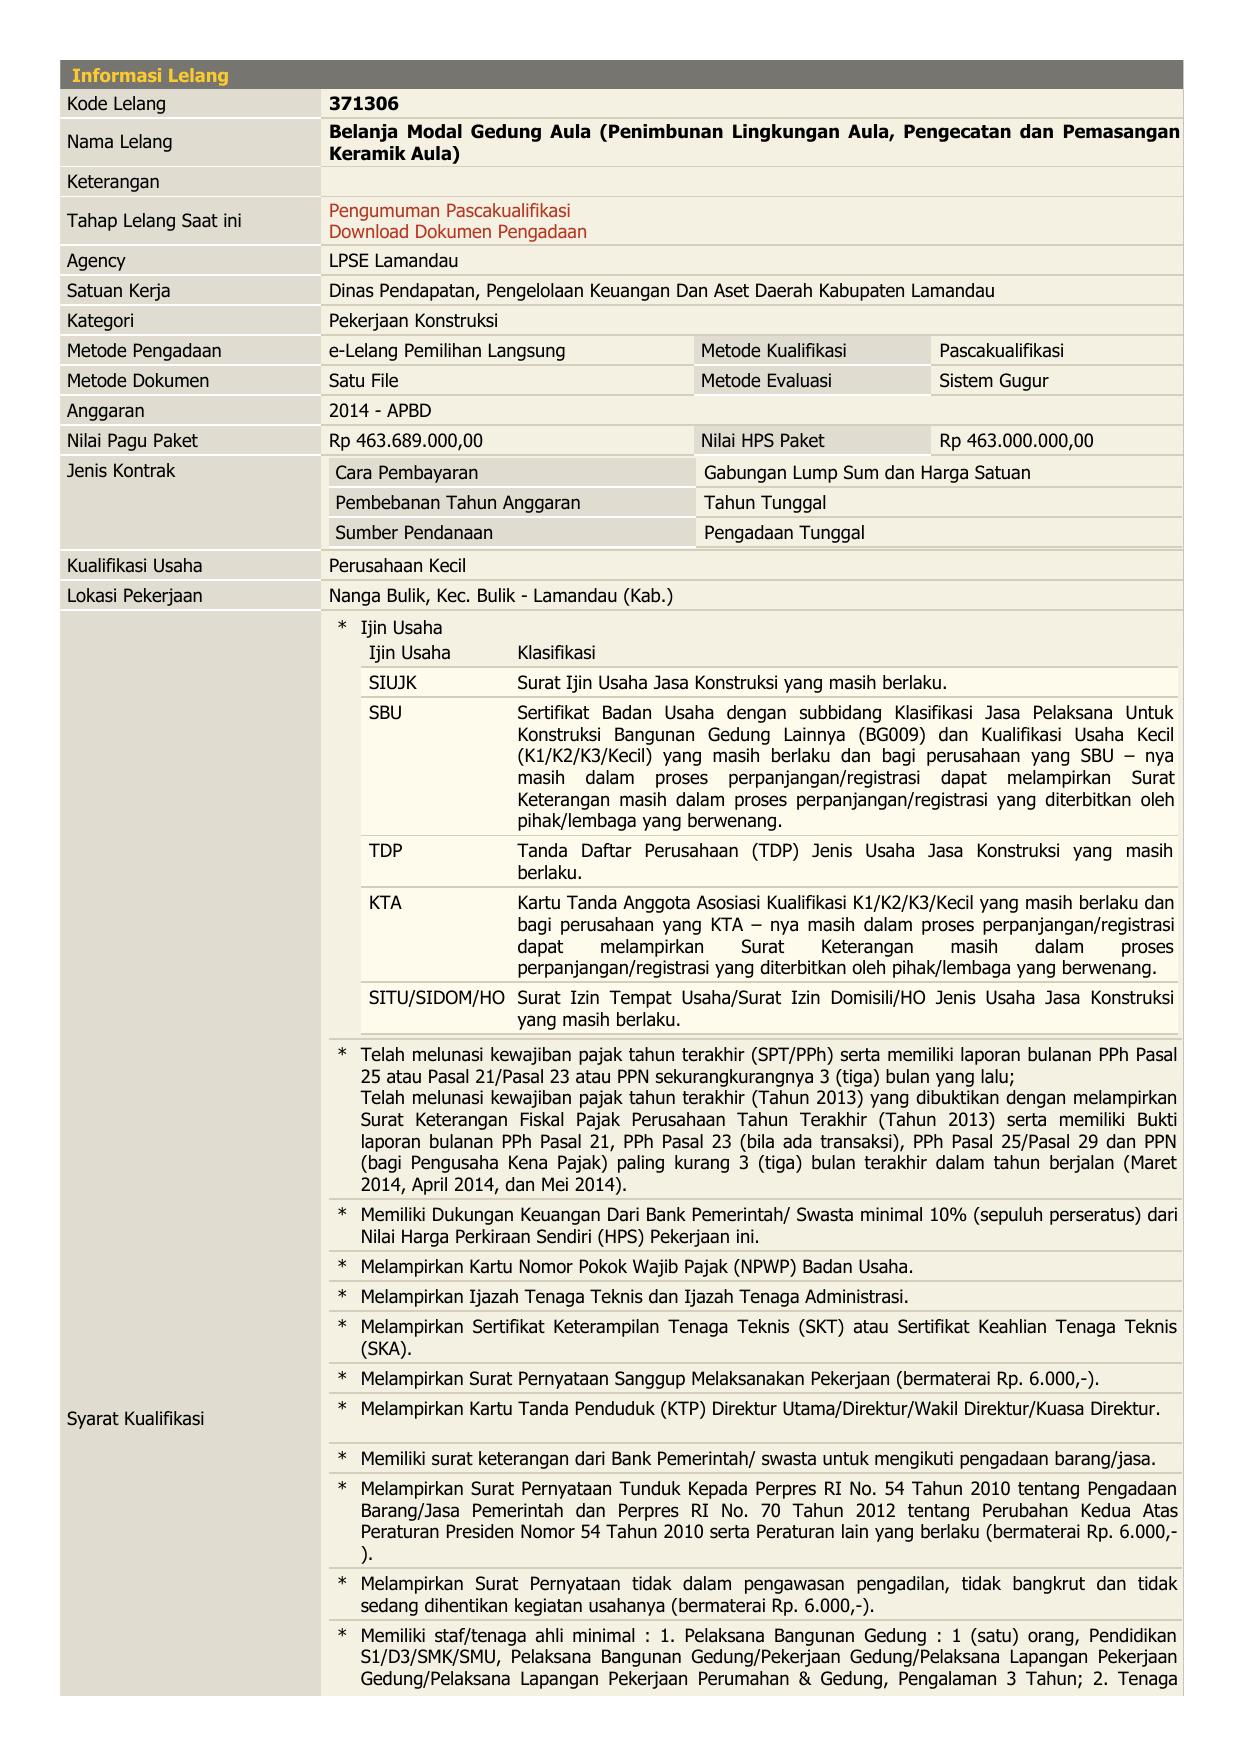 Informasi Lelang Kode Lelang 371306 Nama Lelang Belanja Modal